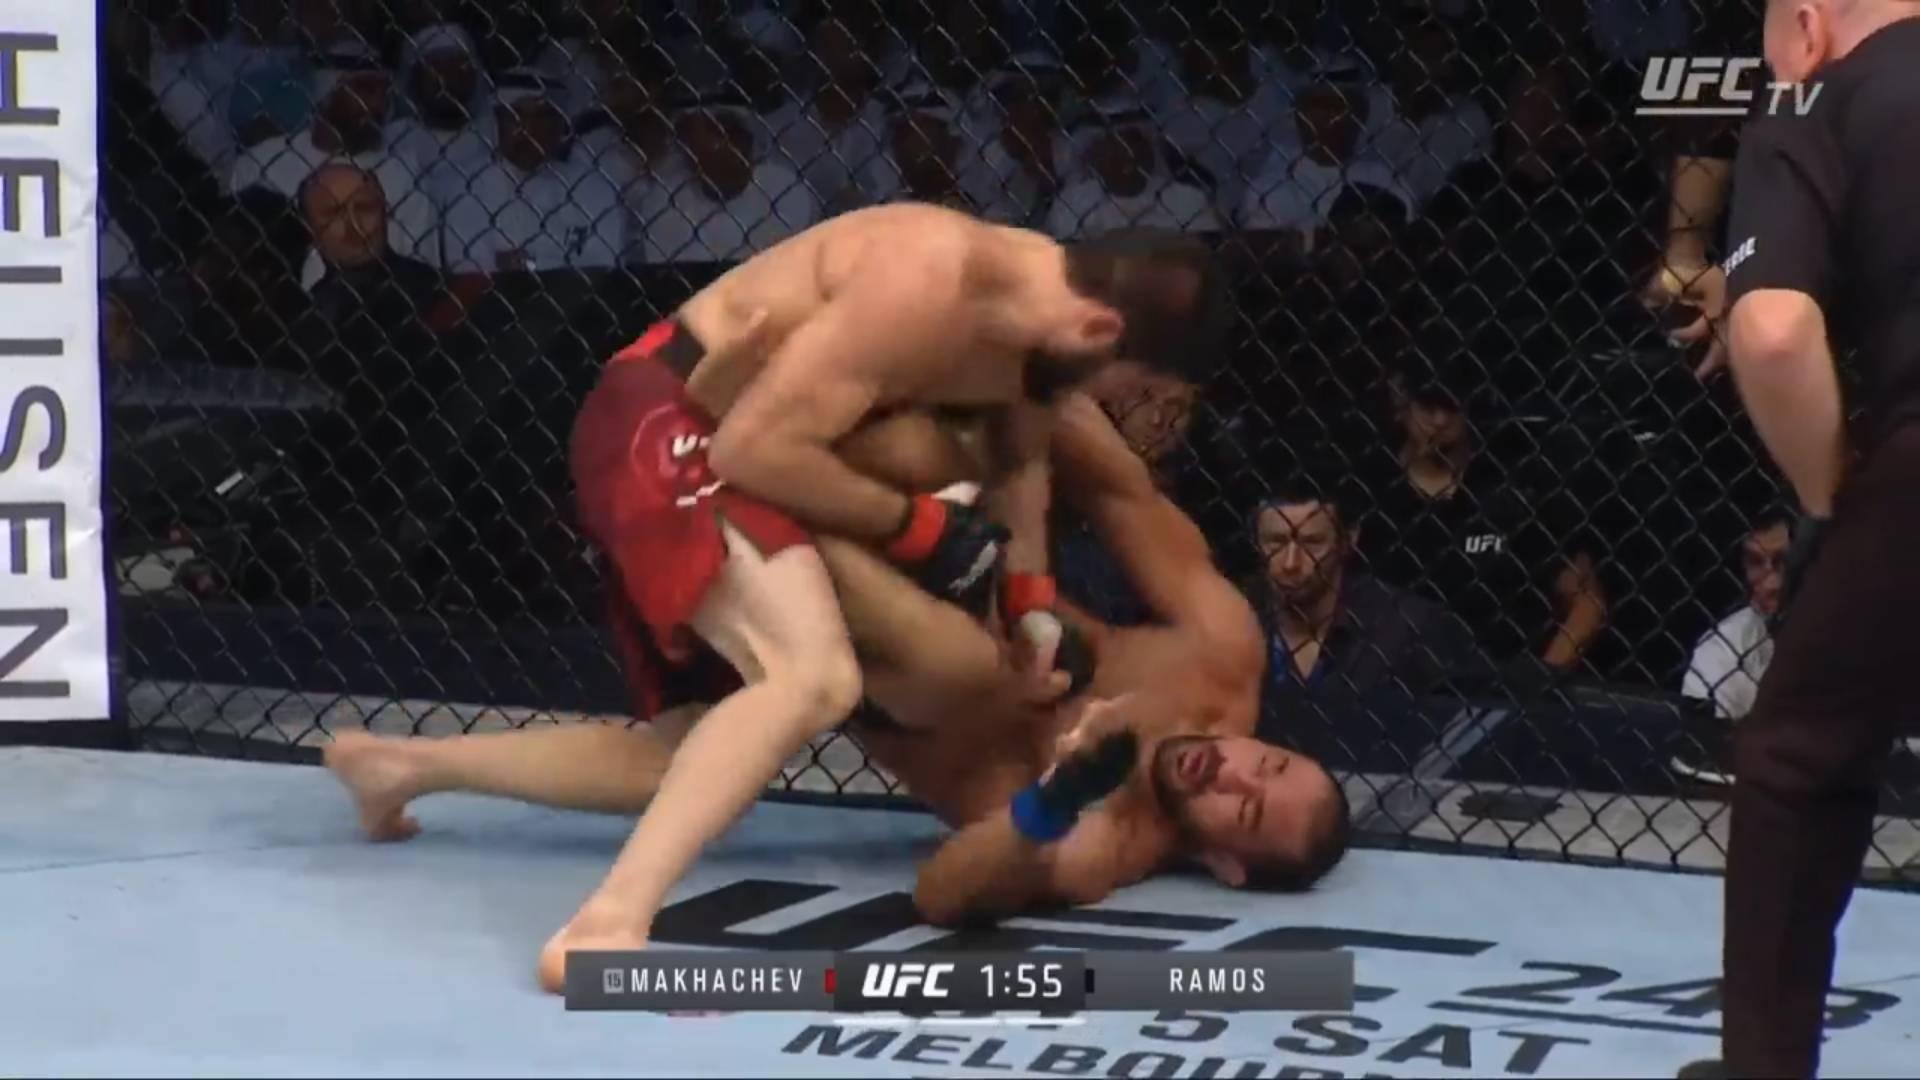 Махачев сверху разбивает бразильца, а Рамос выживает